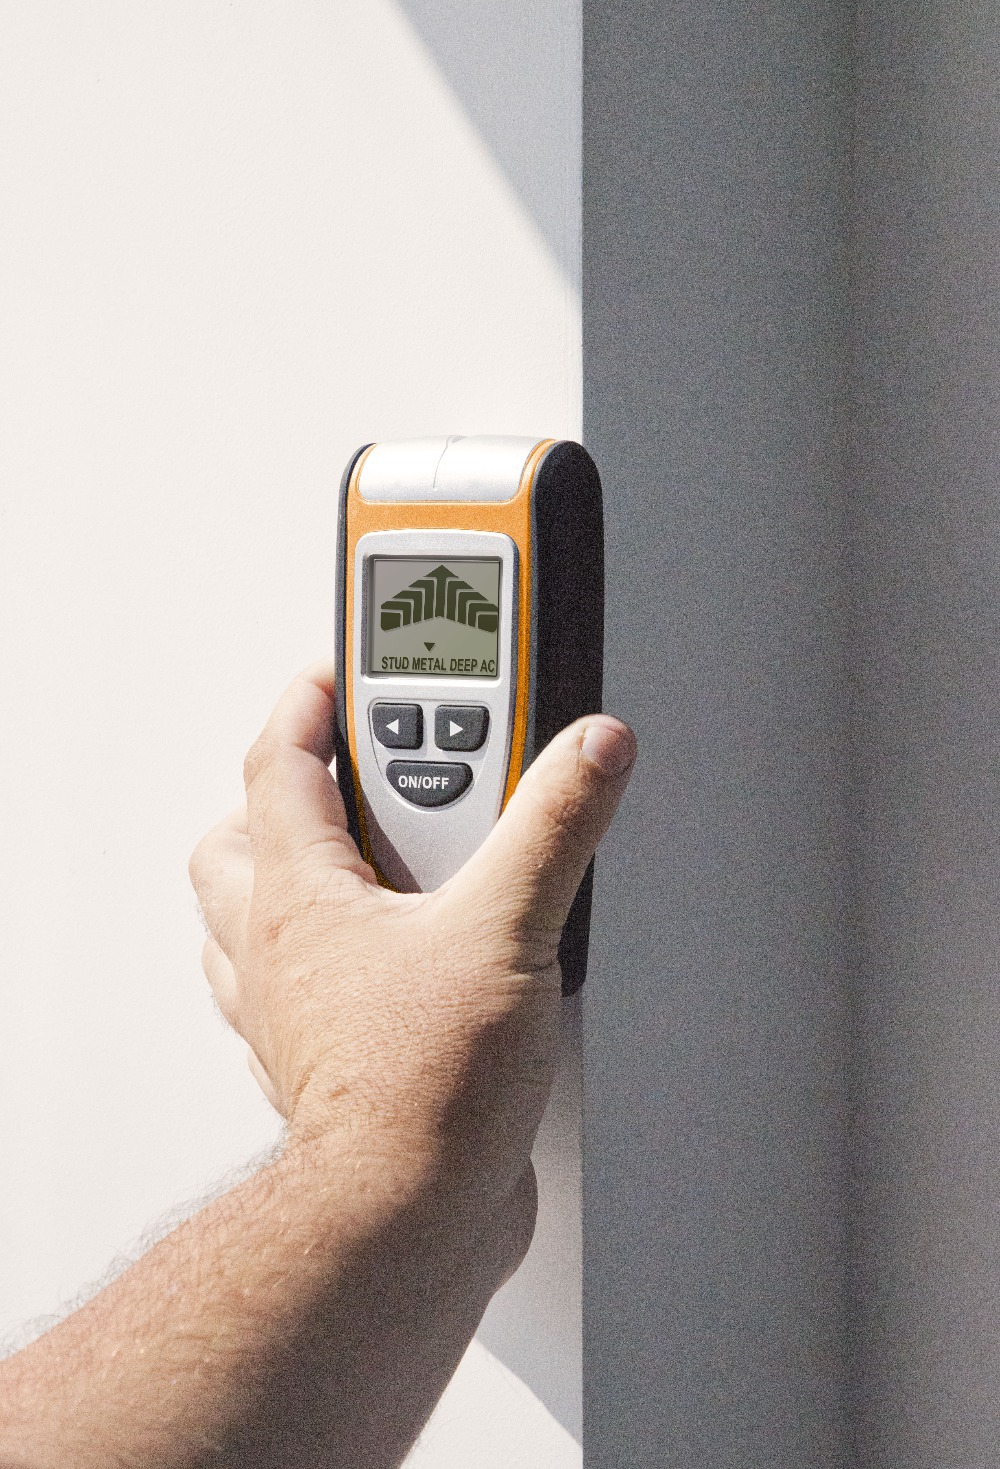 multidetektor defort dmm 20d-in industrial metal detectors from